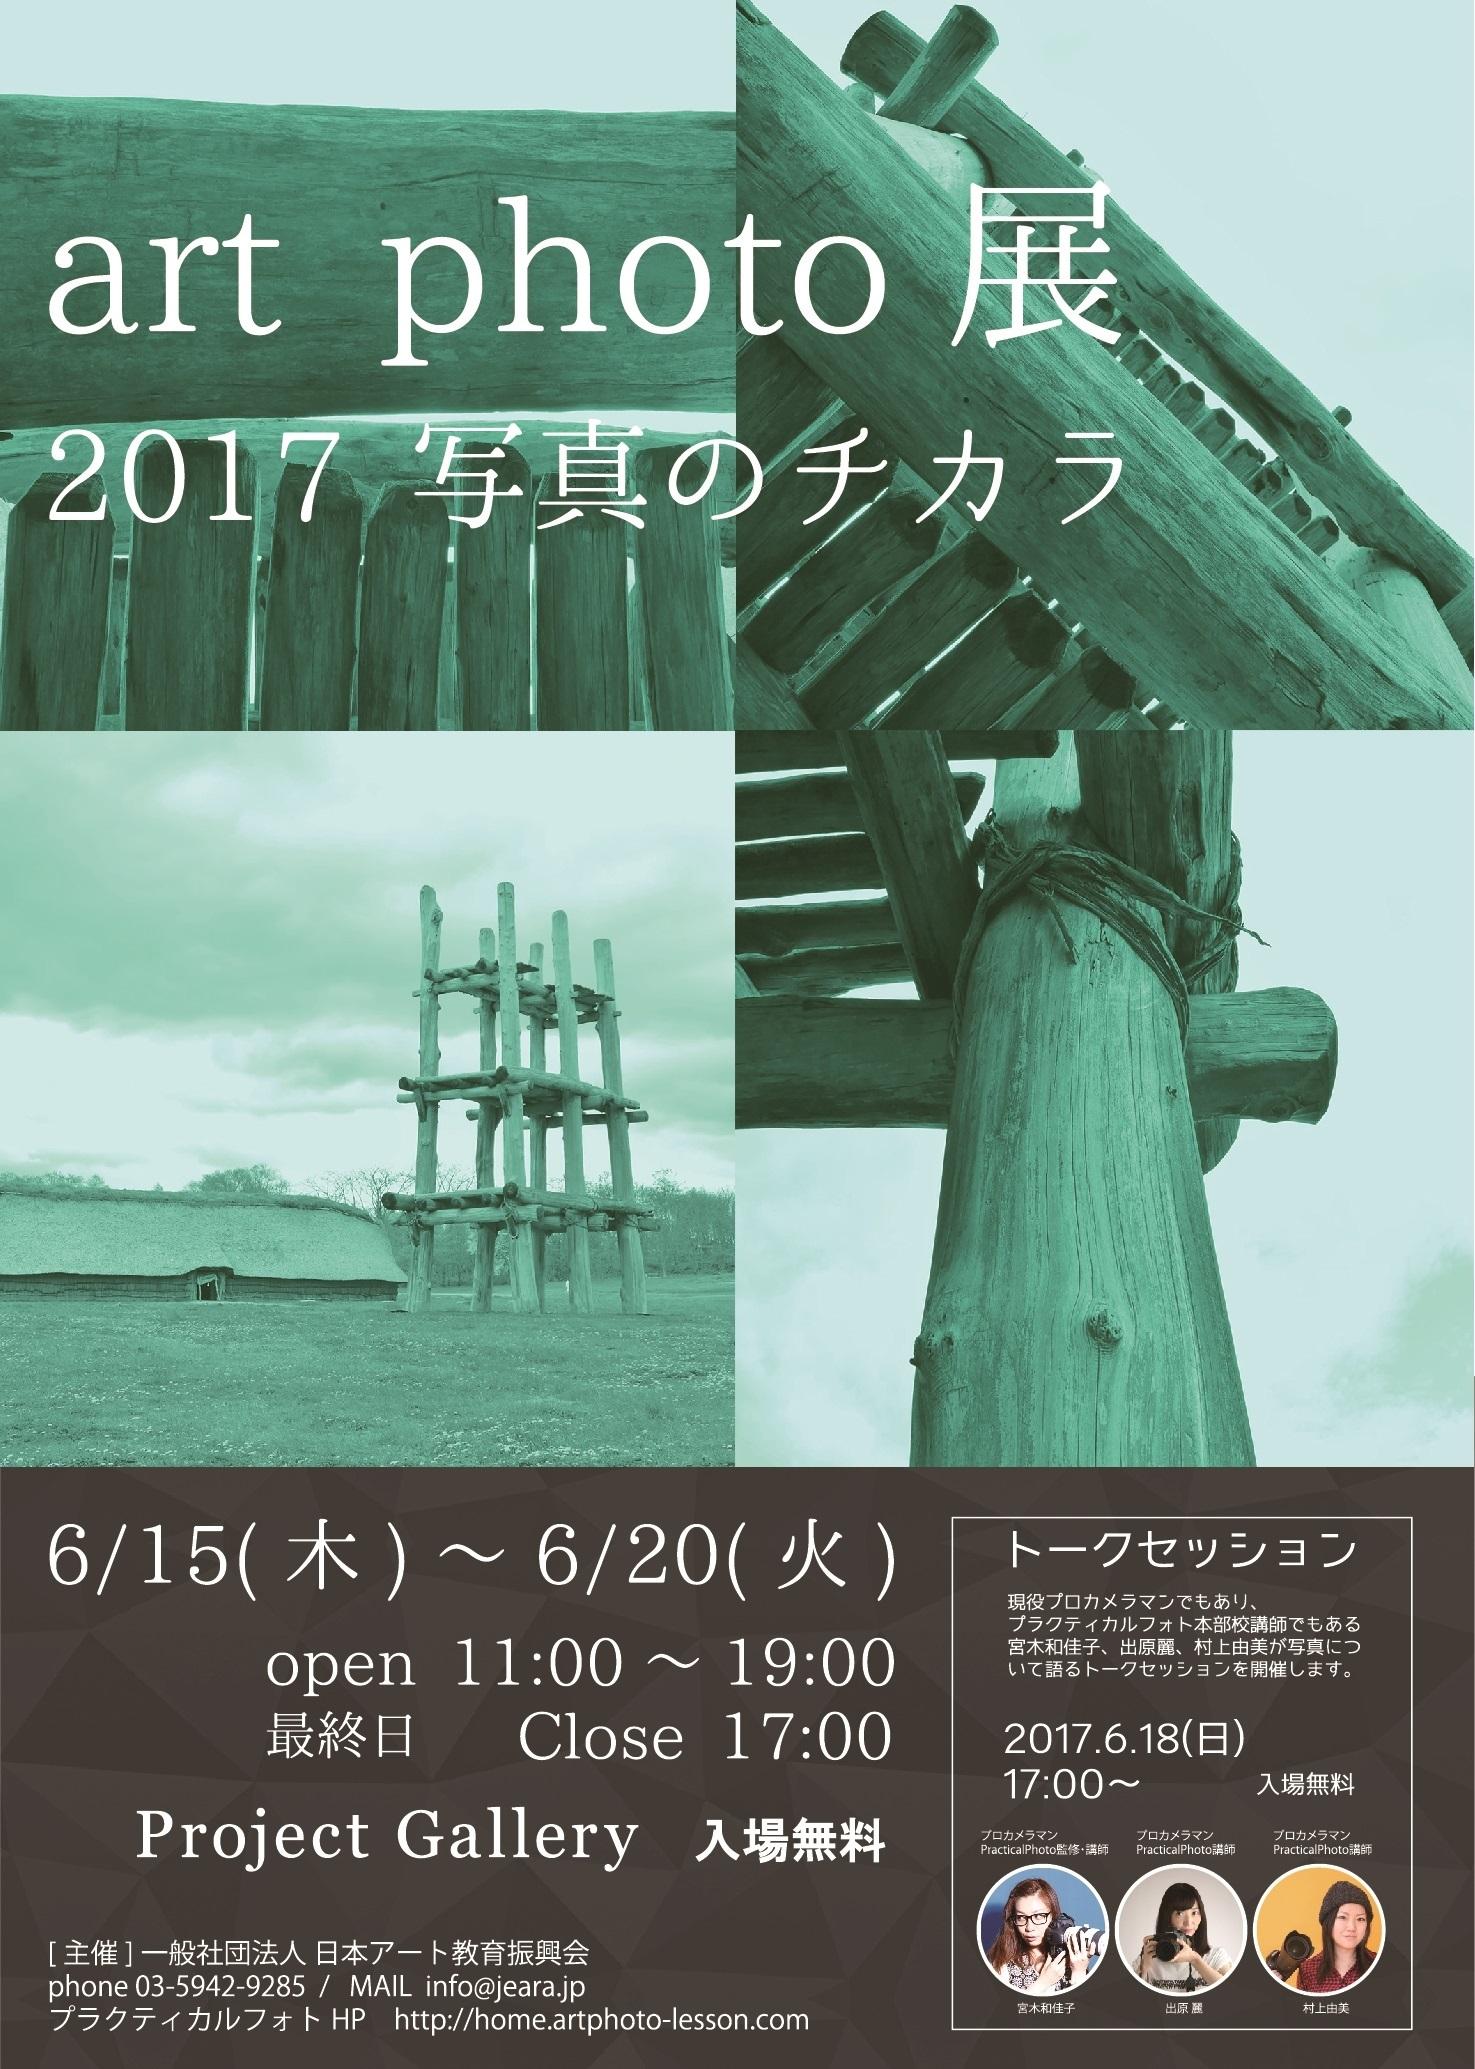 artphoto-exhibition-2017